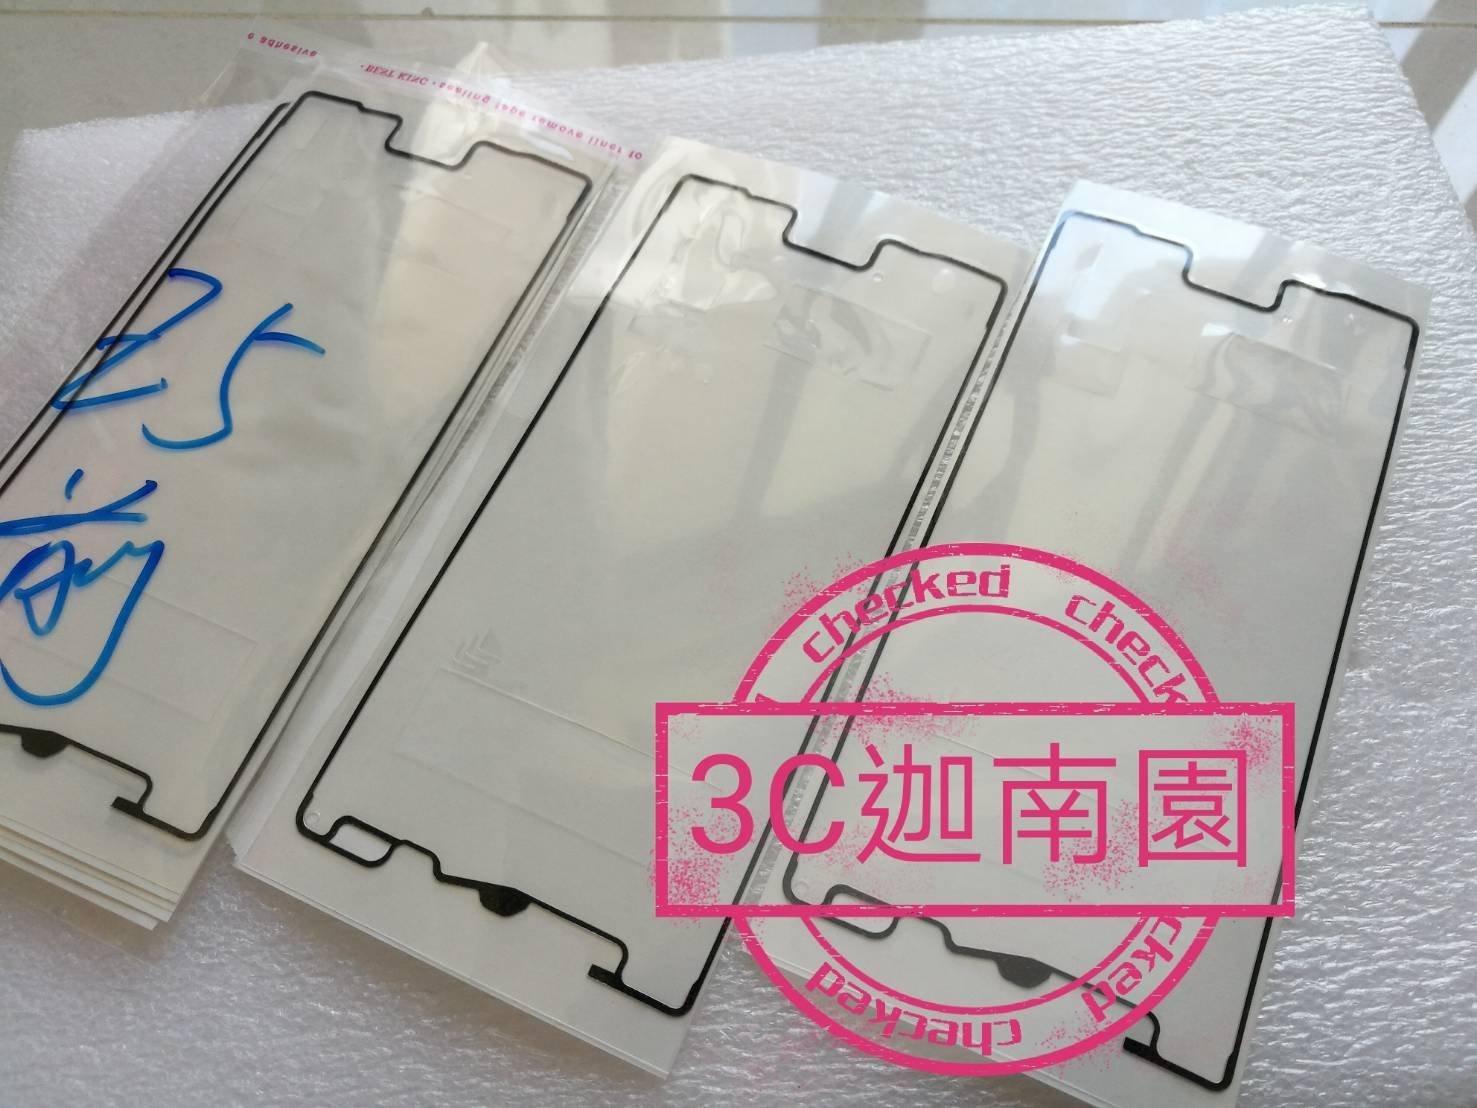 【3M IP防水級】現貨 全新 SONY Xperia Z5 原廠螢幕膠 前背膠 面板背膠 黏膠 防水膠條